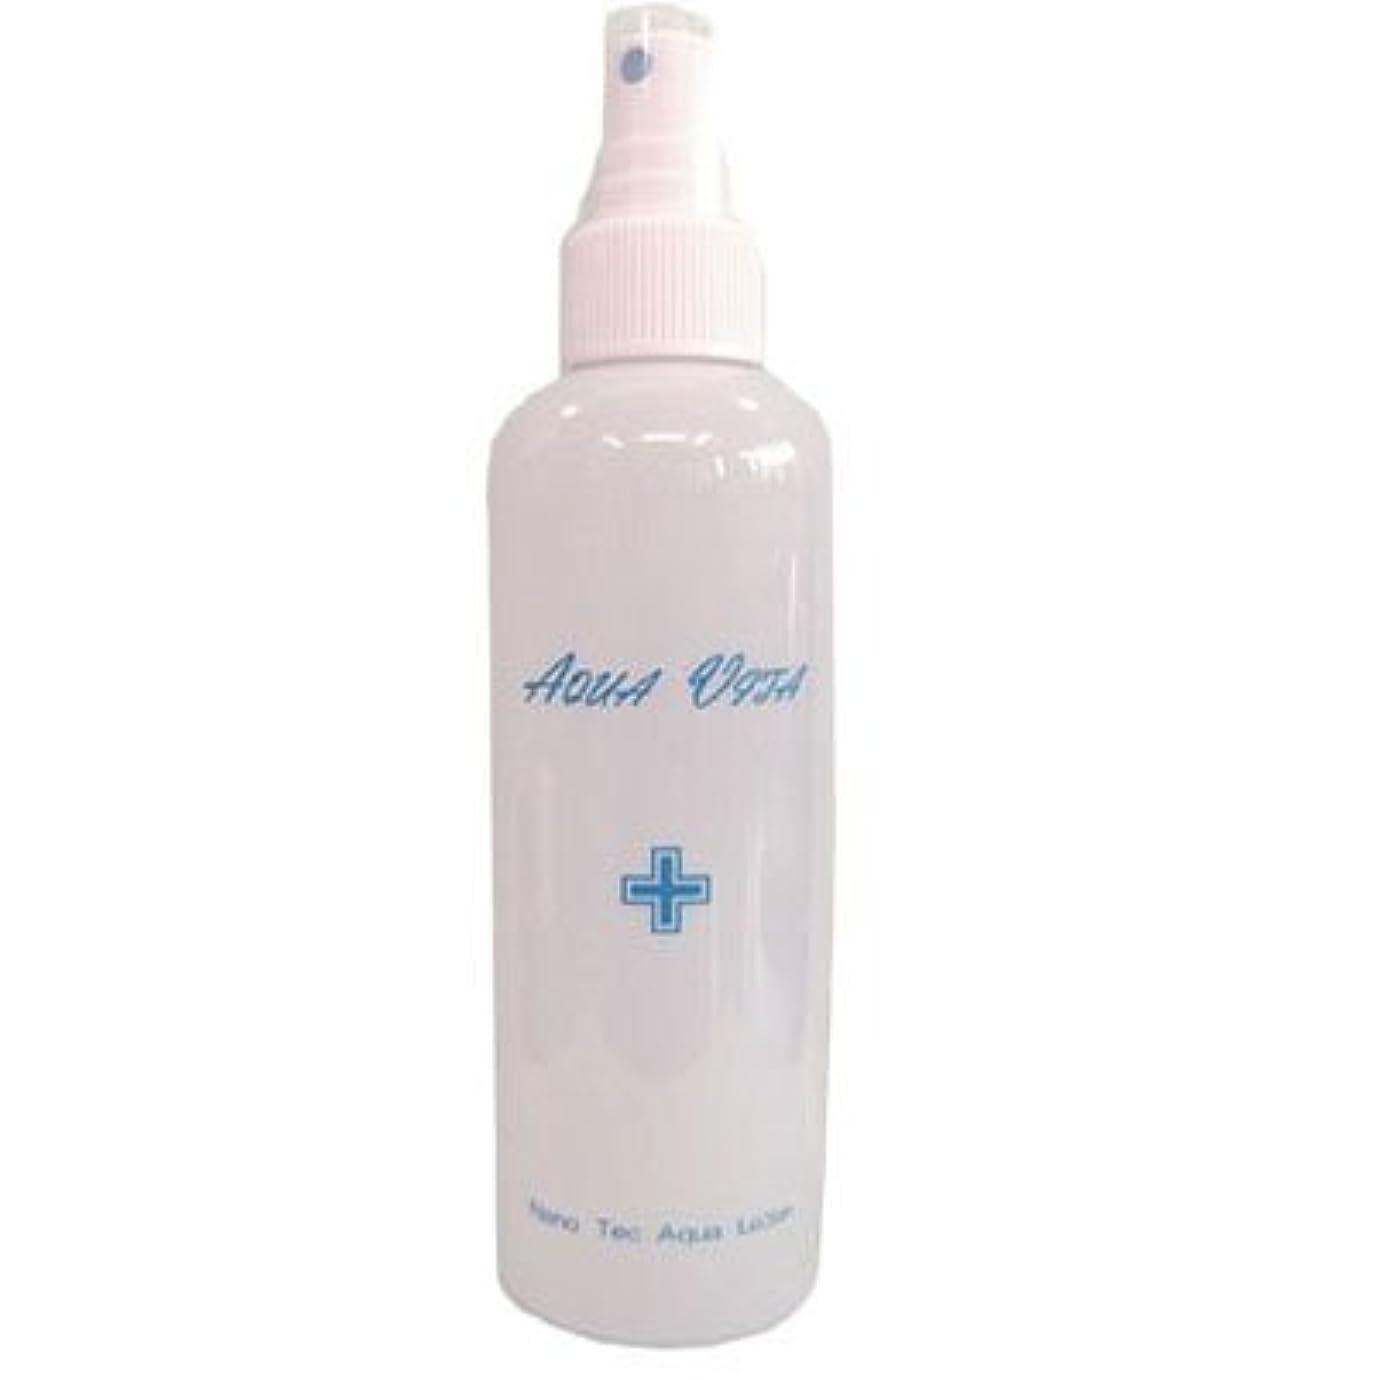 ストリーム同意管理するアクアビータスキンケア 超ミネラル水で製造 アクアビータローション 200ml 保湿 無香料 無着色